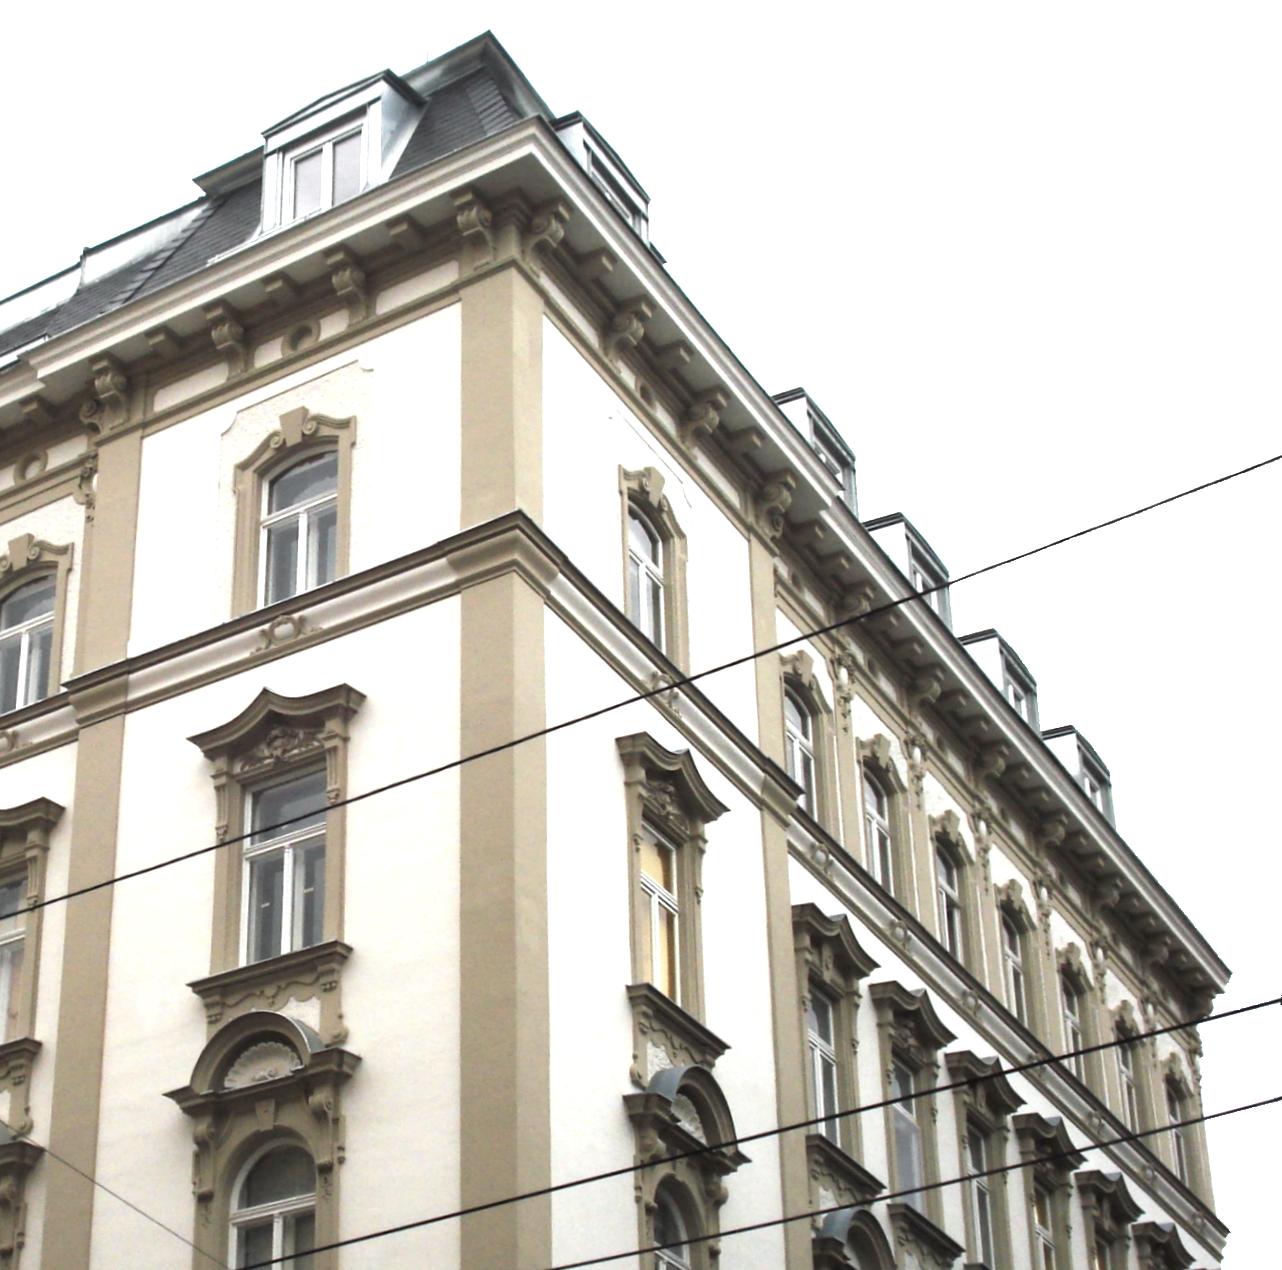 a Haus Dach_edited